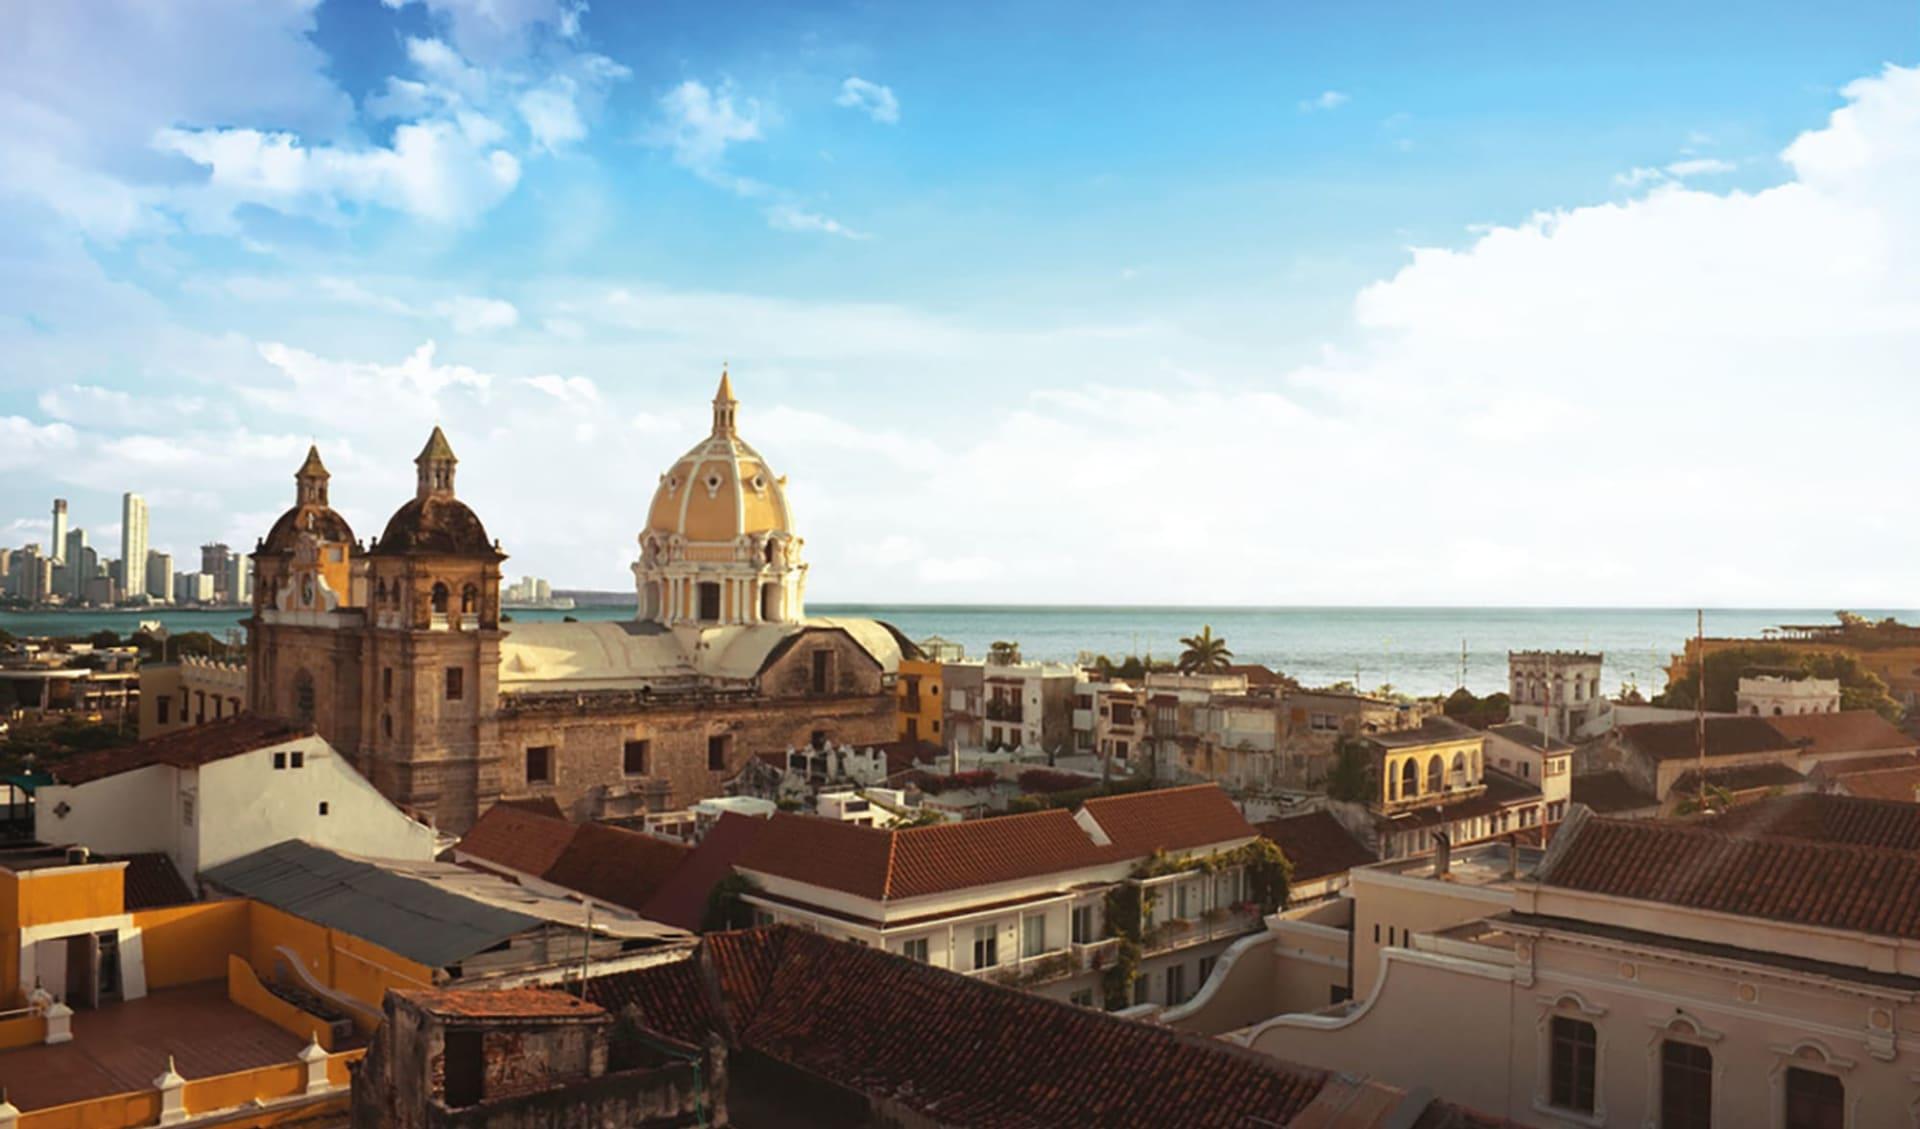 Cartagena: Cartagena